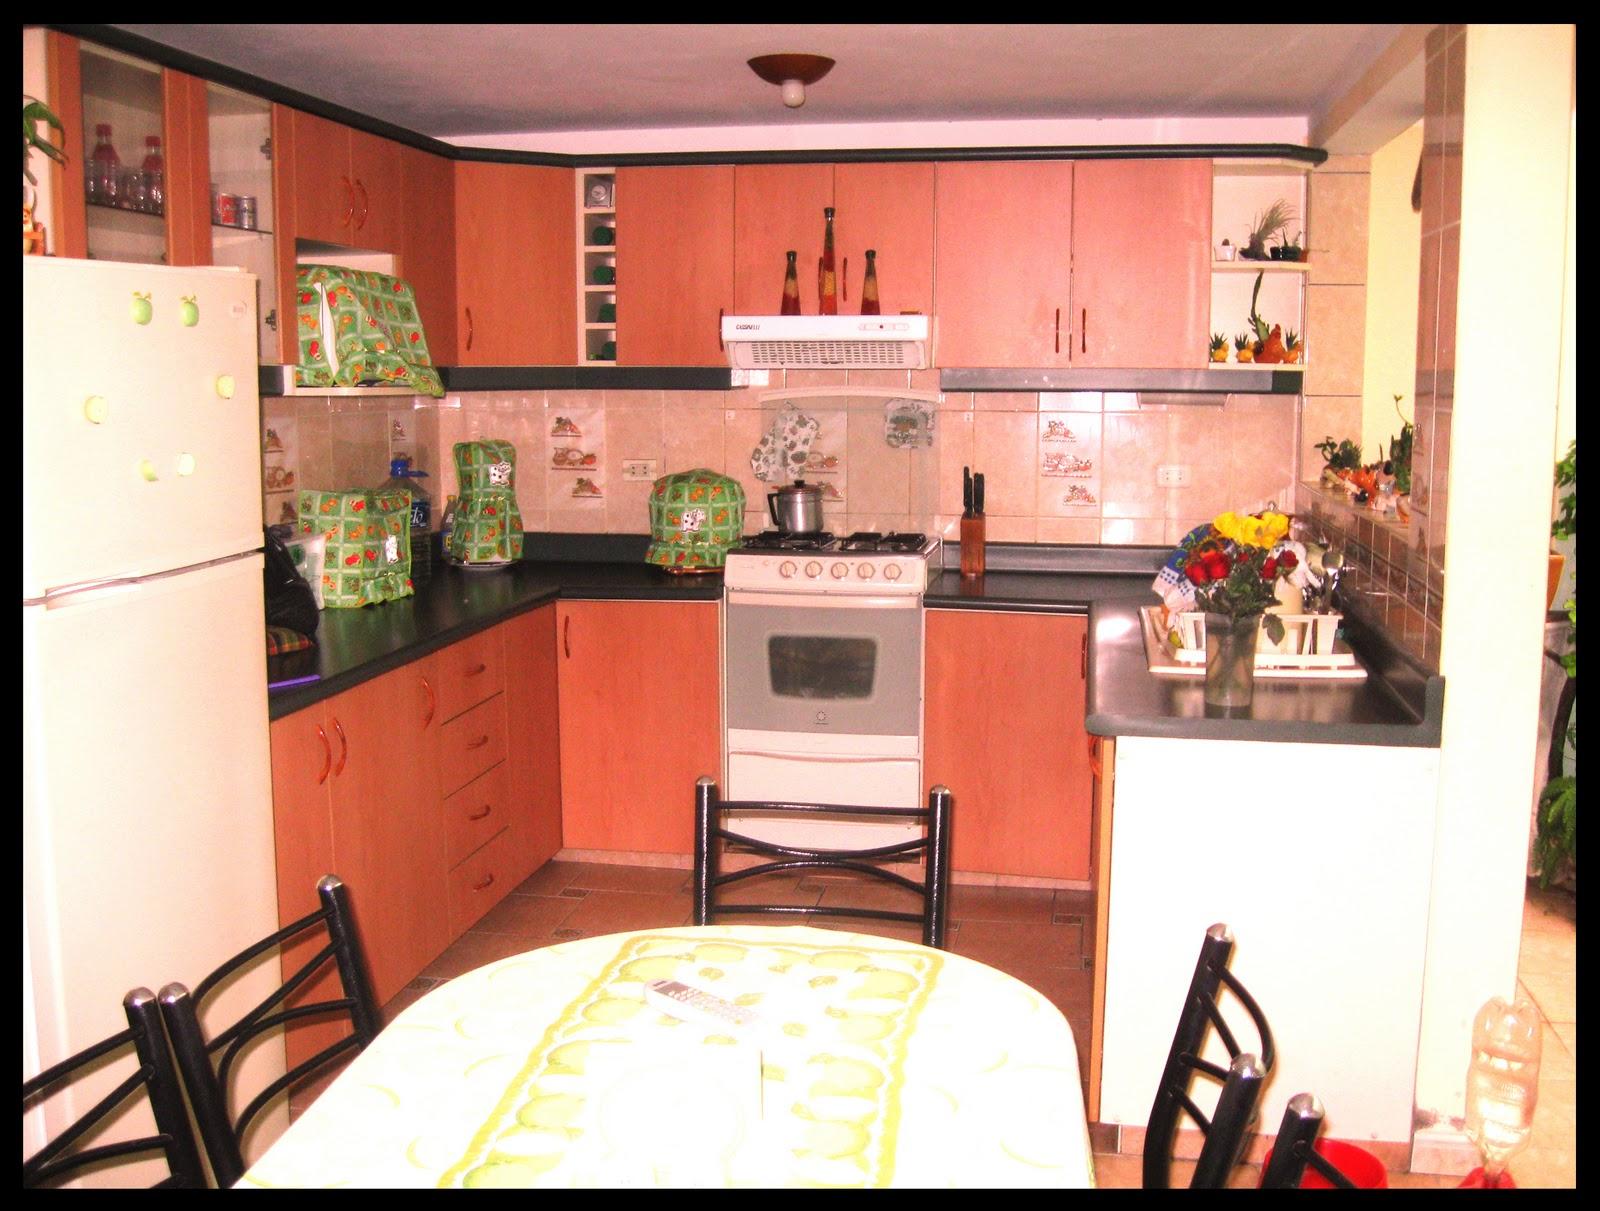 Muebles jose luis chingay mueble de cocina modelo l for Modelos de muebles de cocina